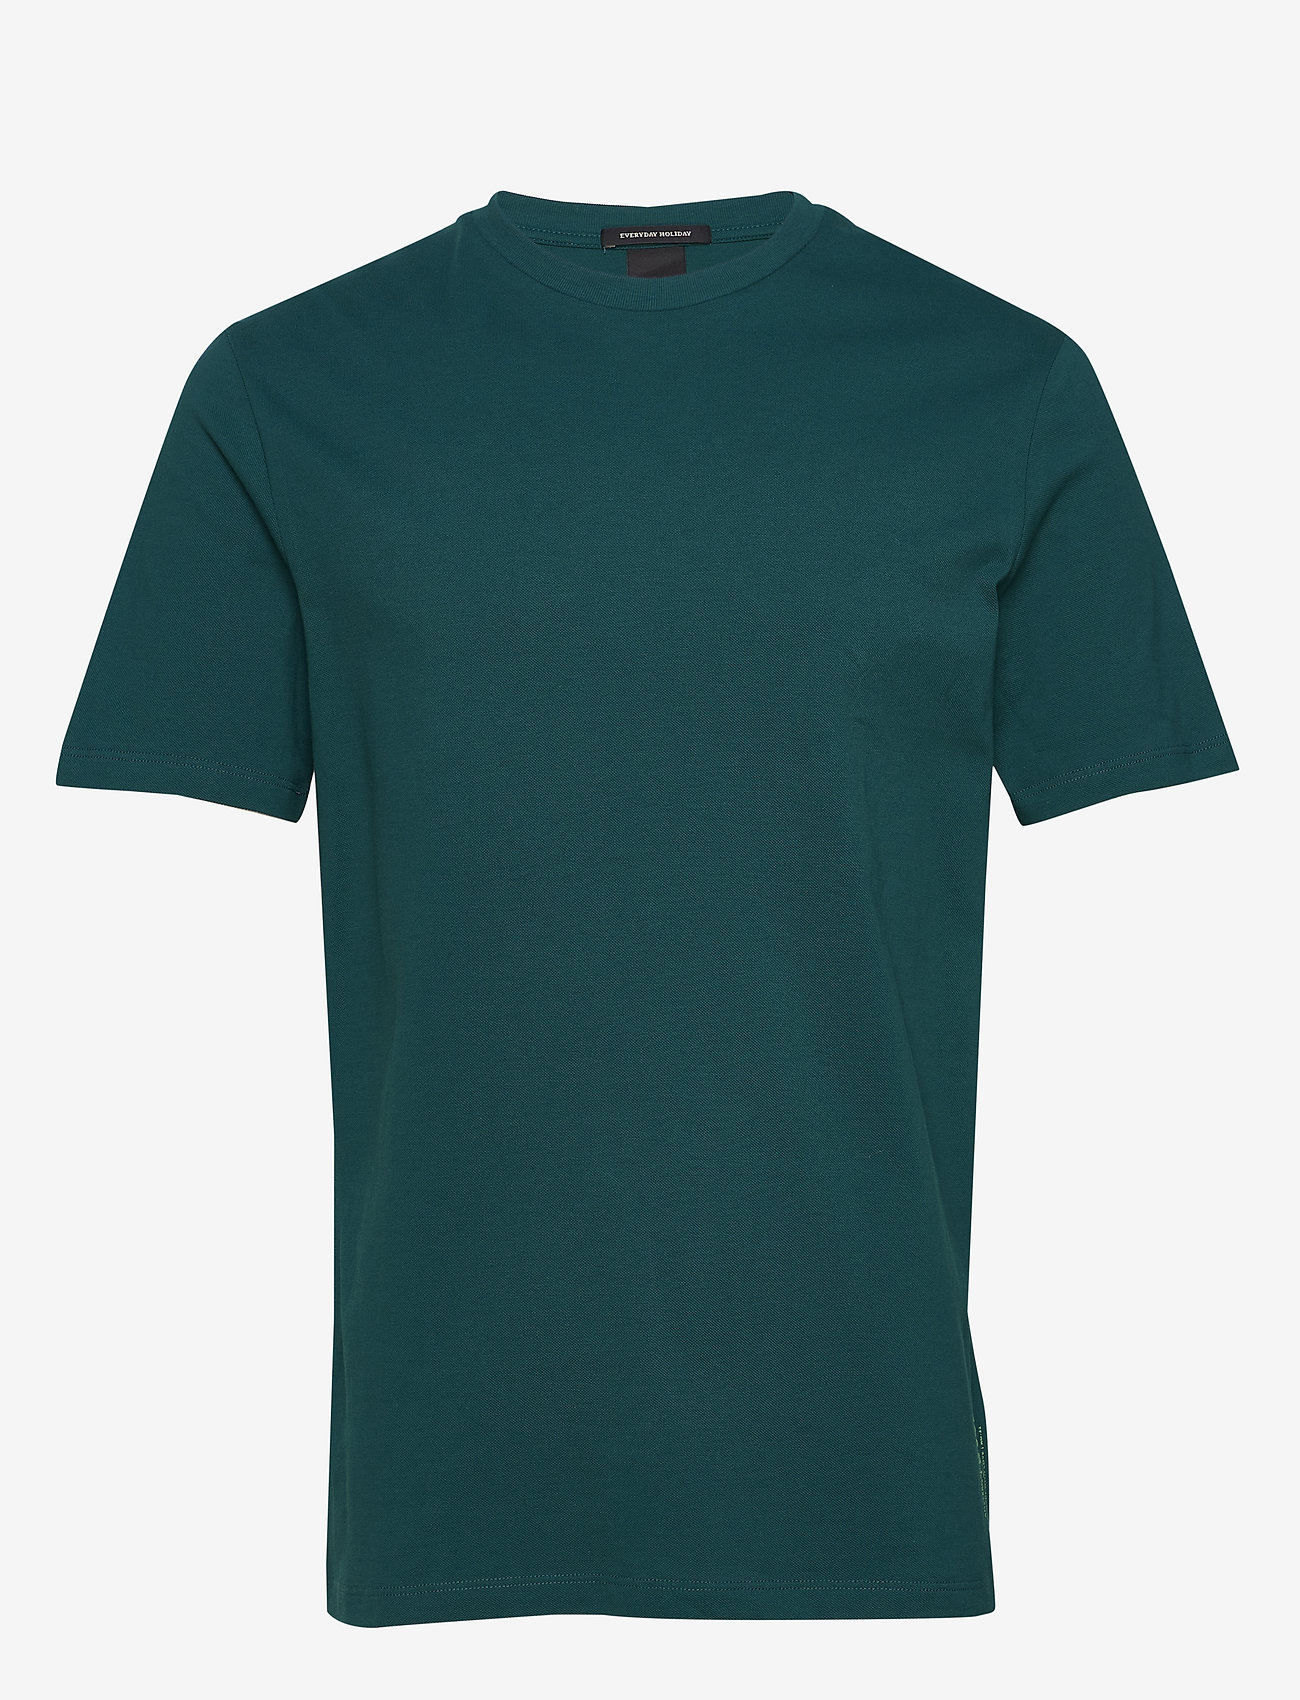 Scotch & Soda - Classic pique crewneck tee - t-shirts basiques - deep sea green - 0